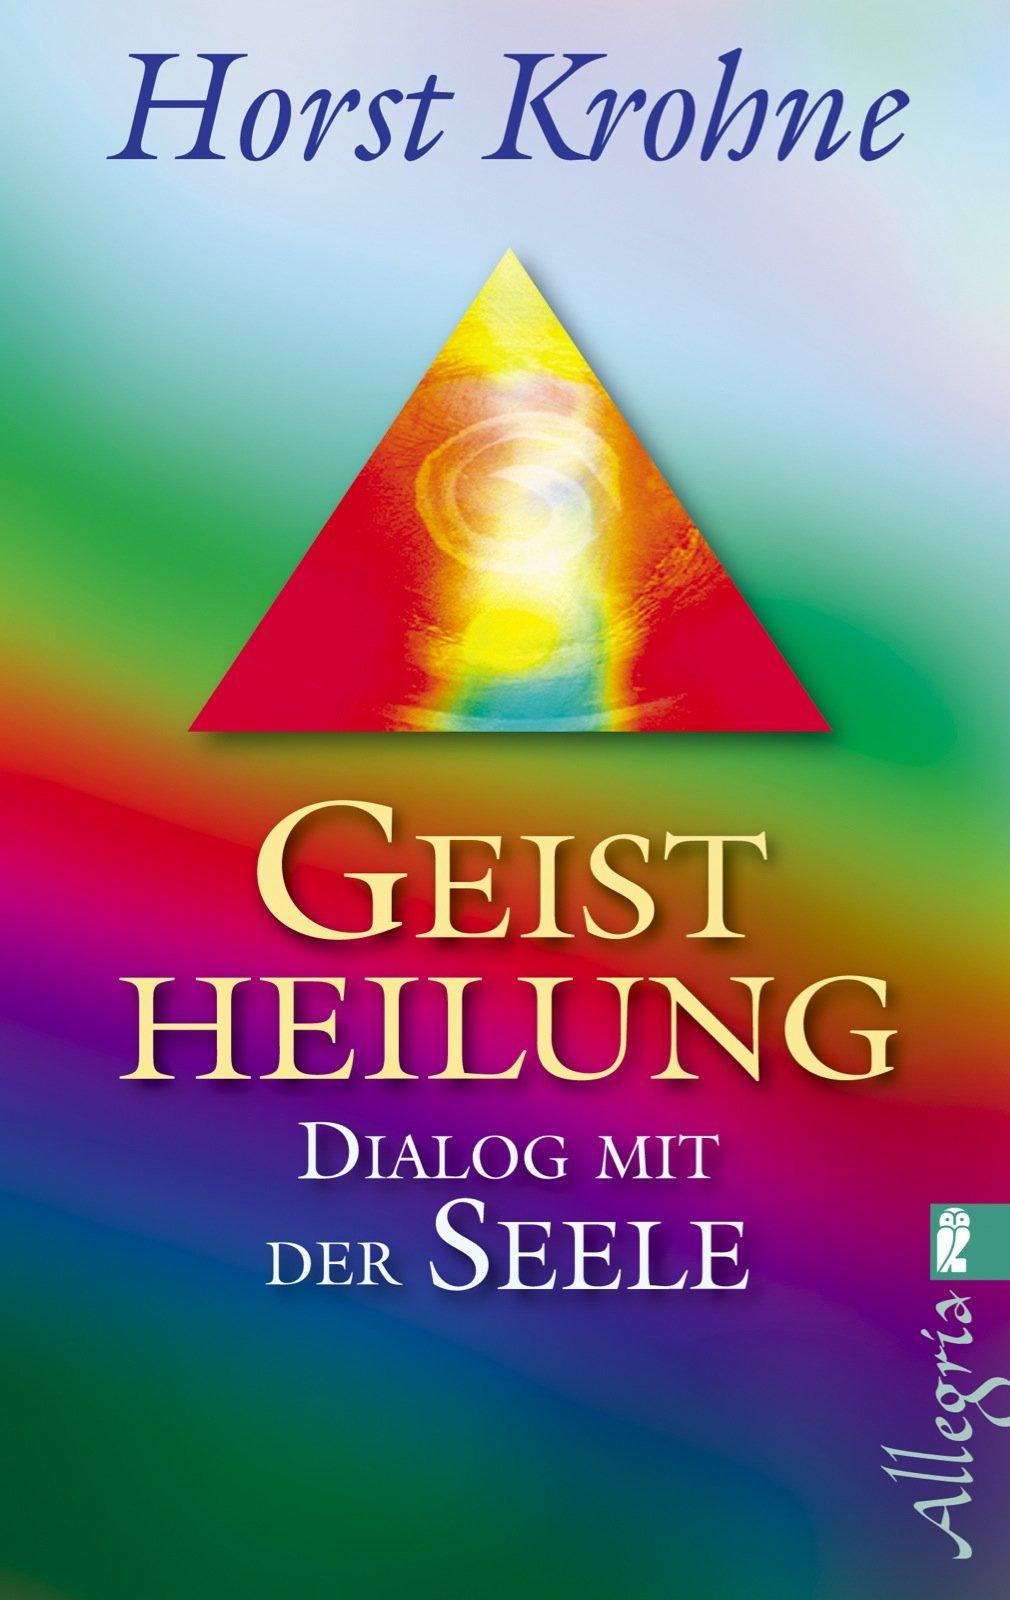 Geistheilung: Dialog mit der Seele Taschenbuch – 8. März 2013 Horst Krohne Allegria Taschenbuch 3548745830 Esoterik